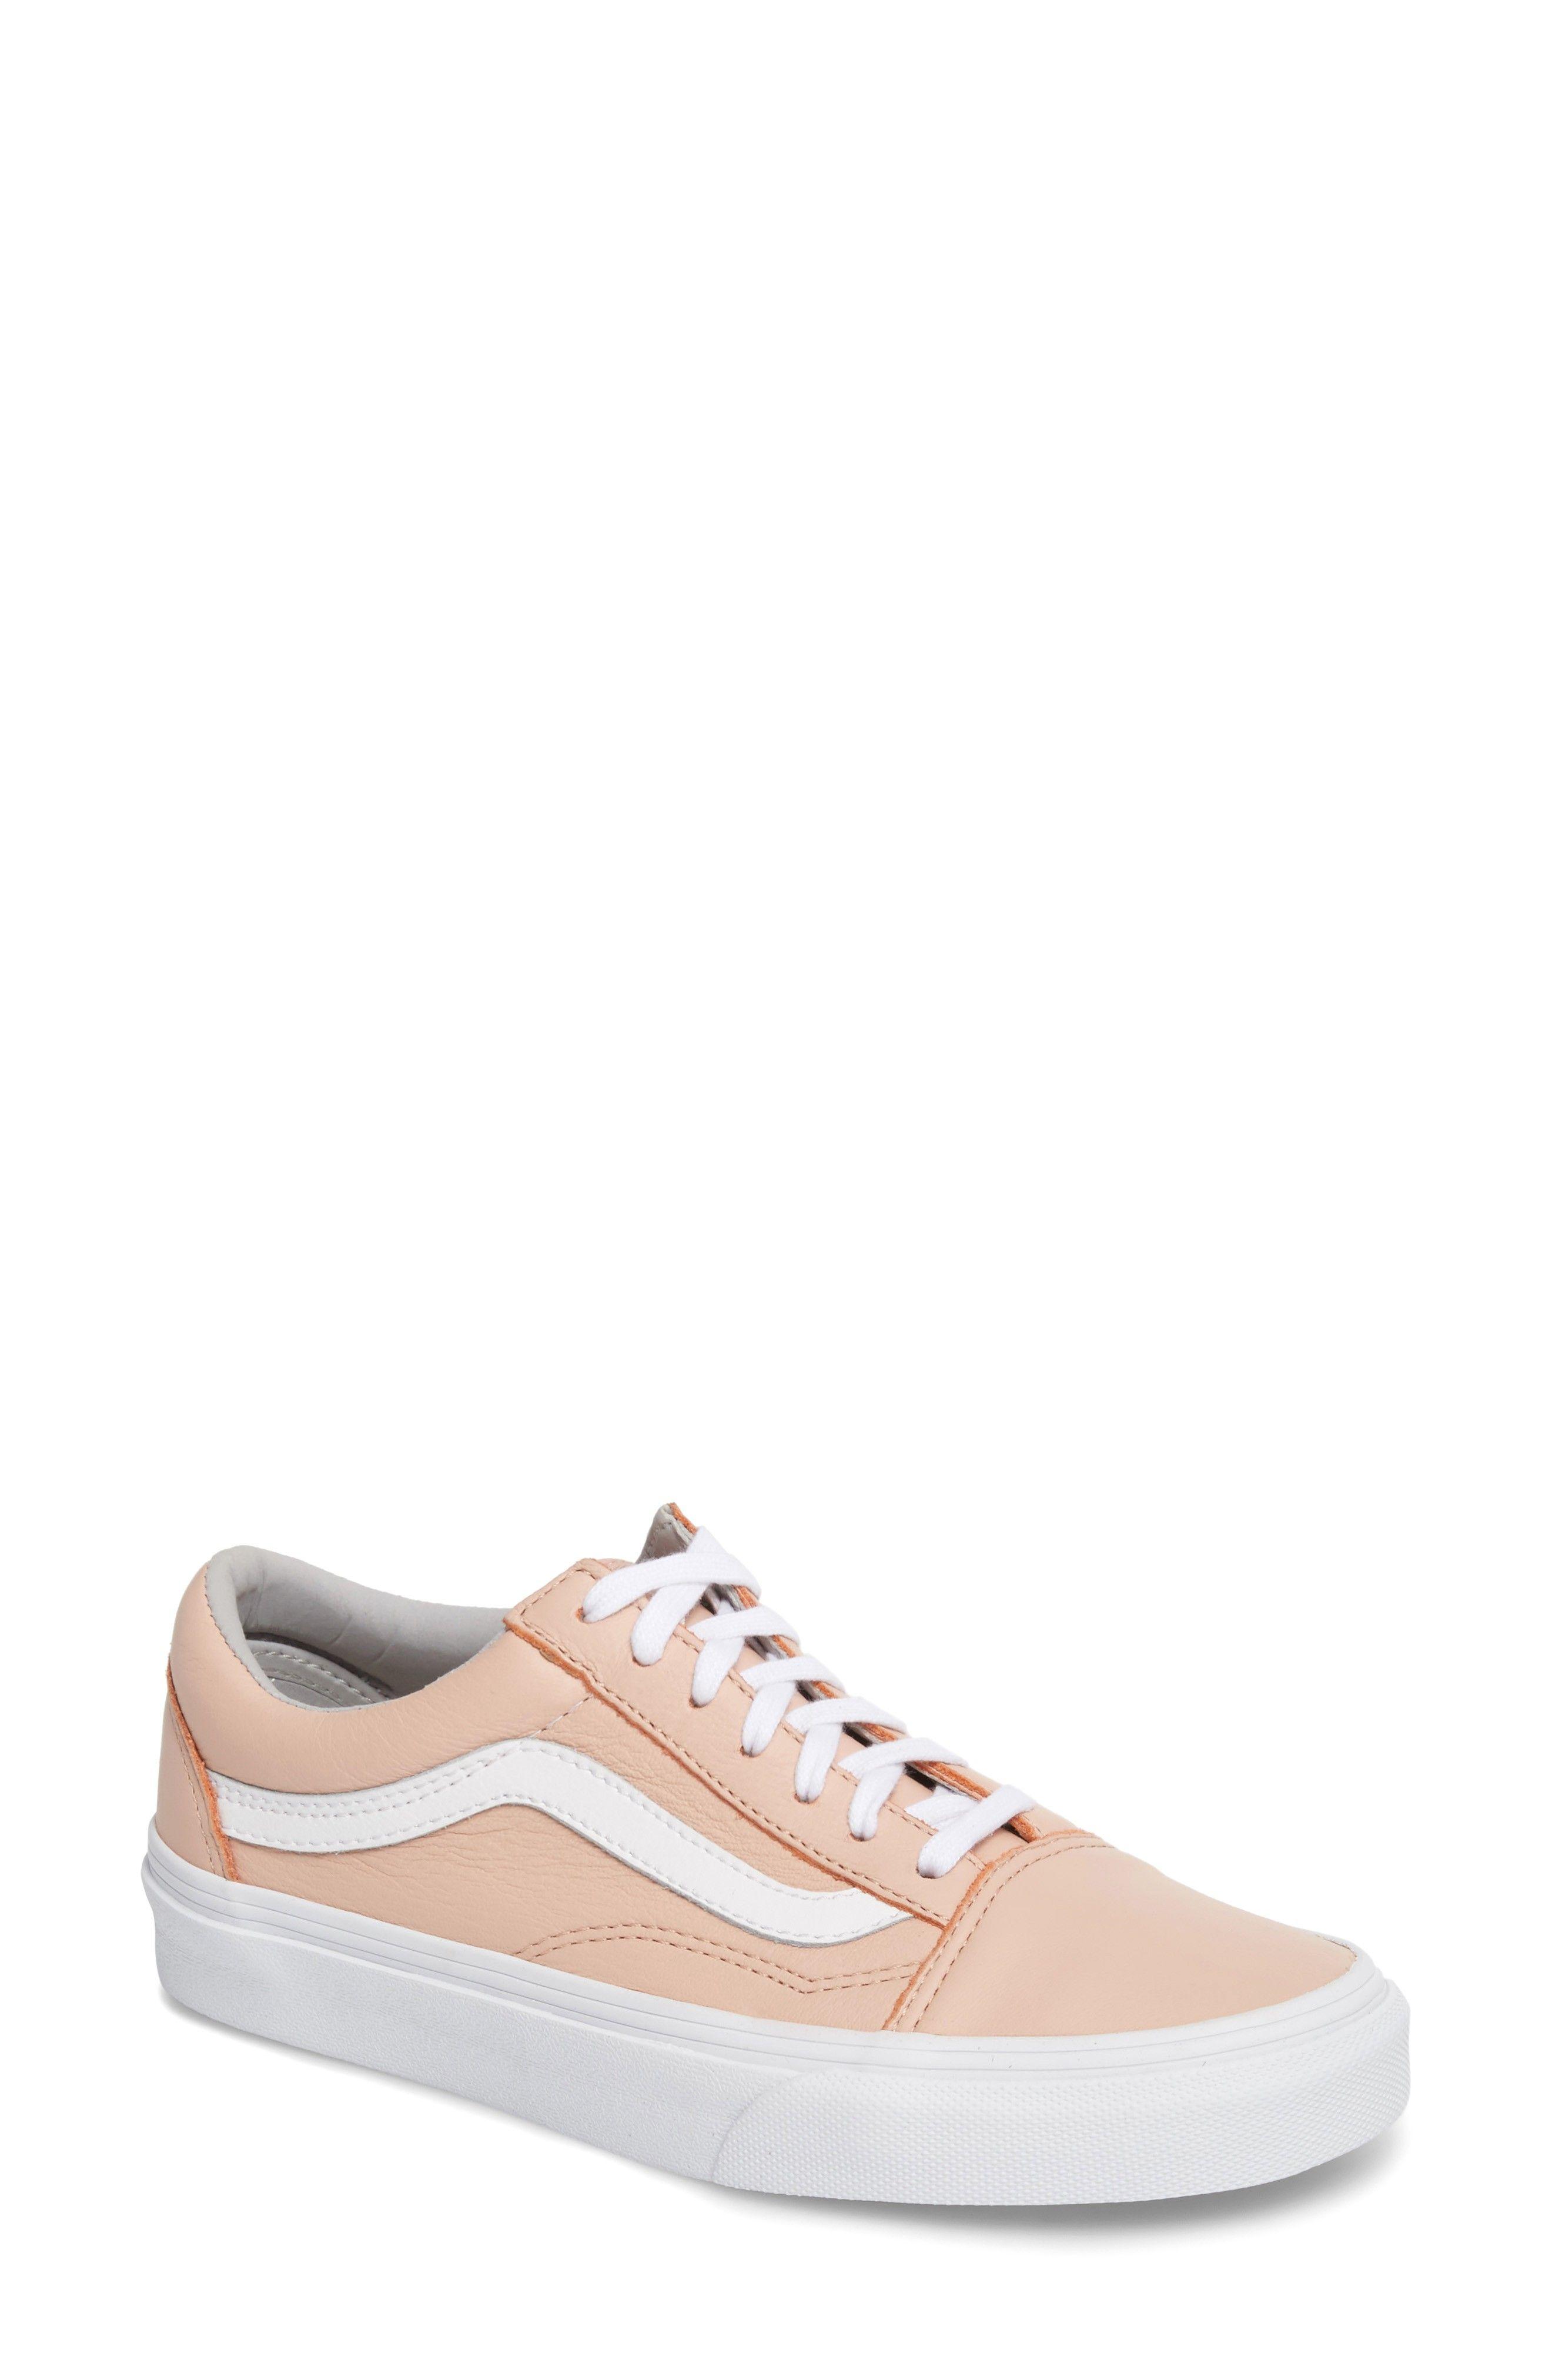 vans old skool sneaker (With images) | Vans old skool